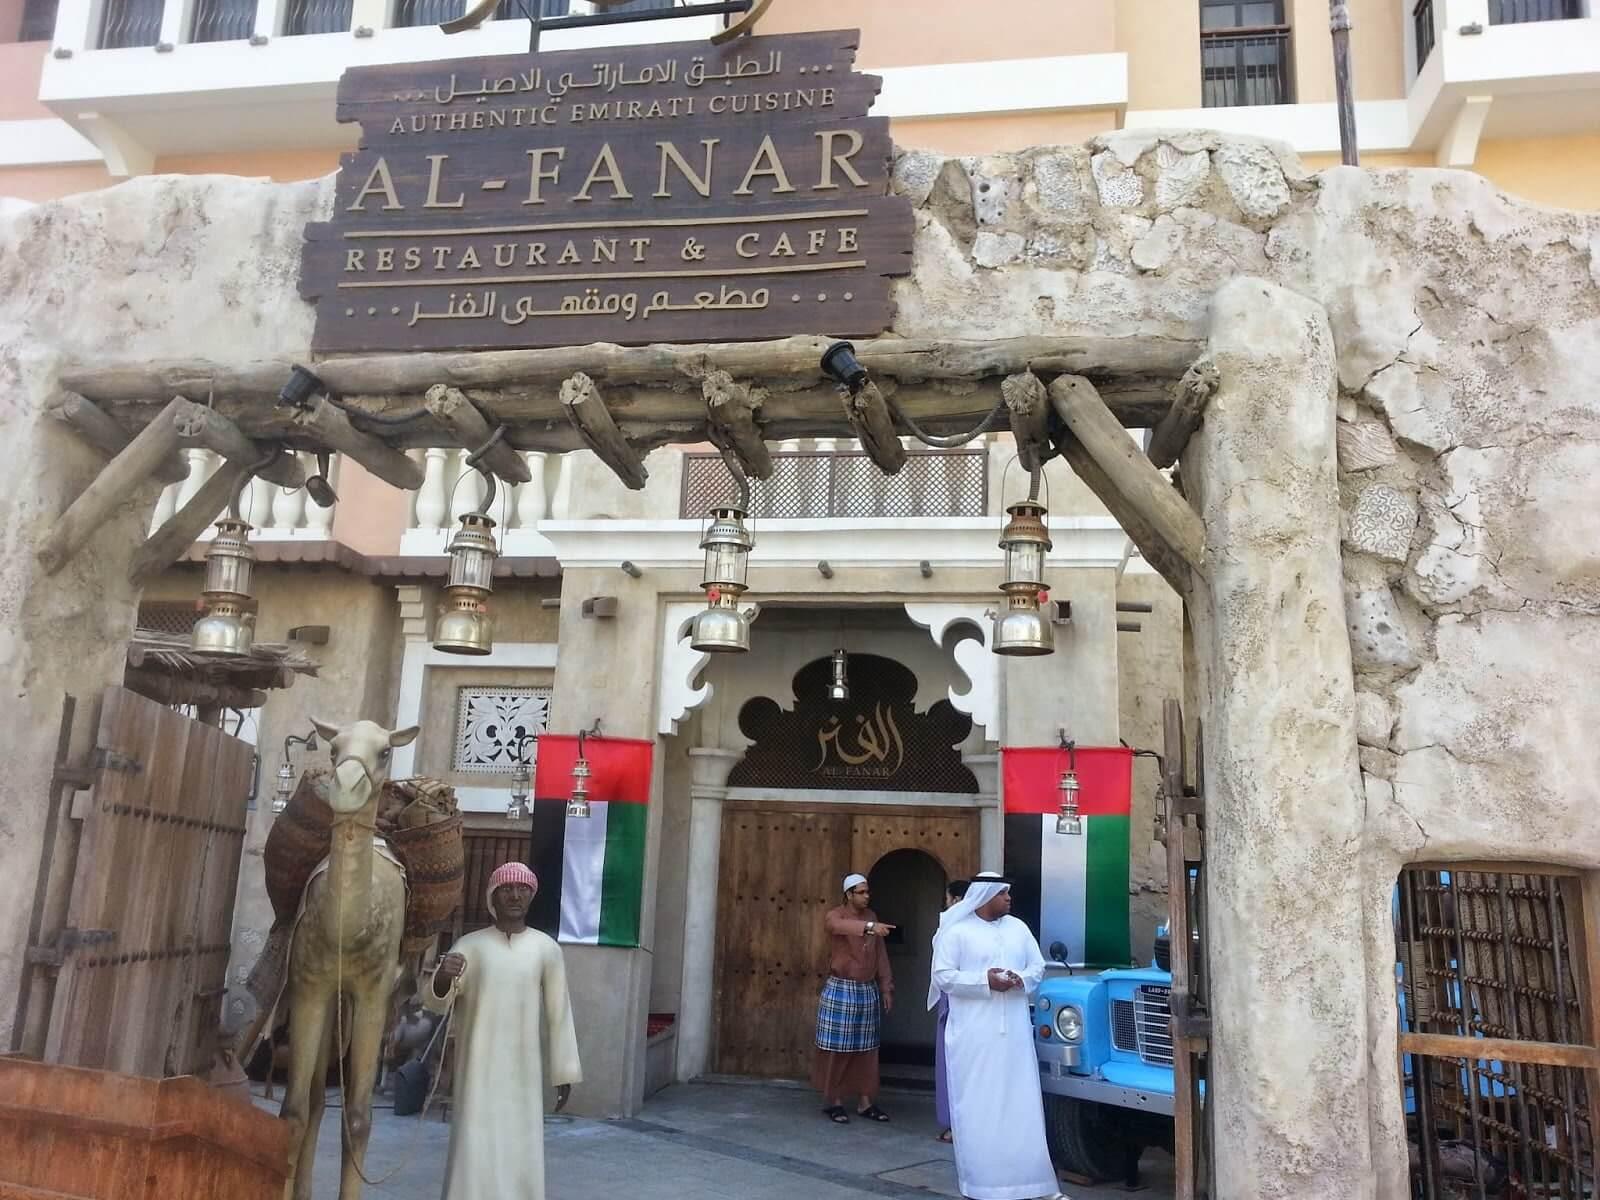 Al Fanar Restaurant, UAE Traditional Food